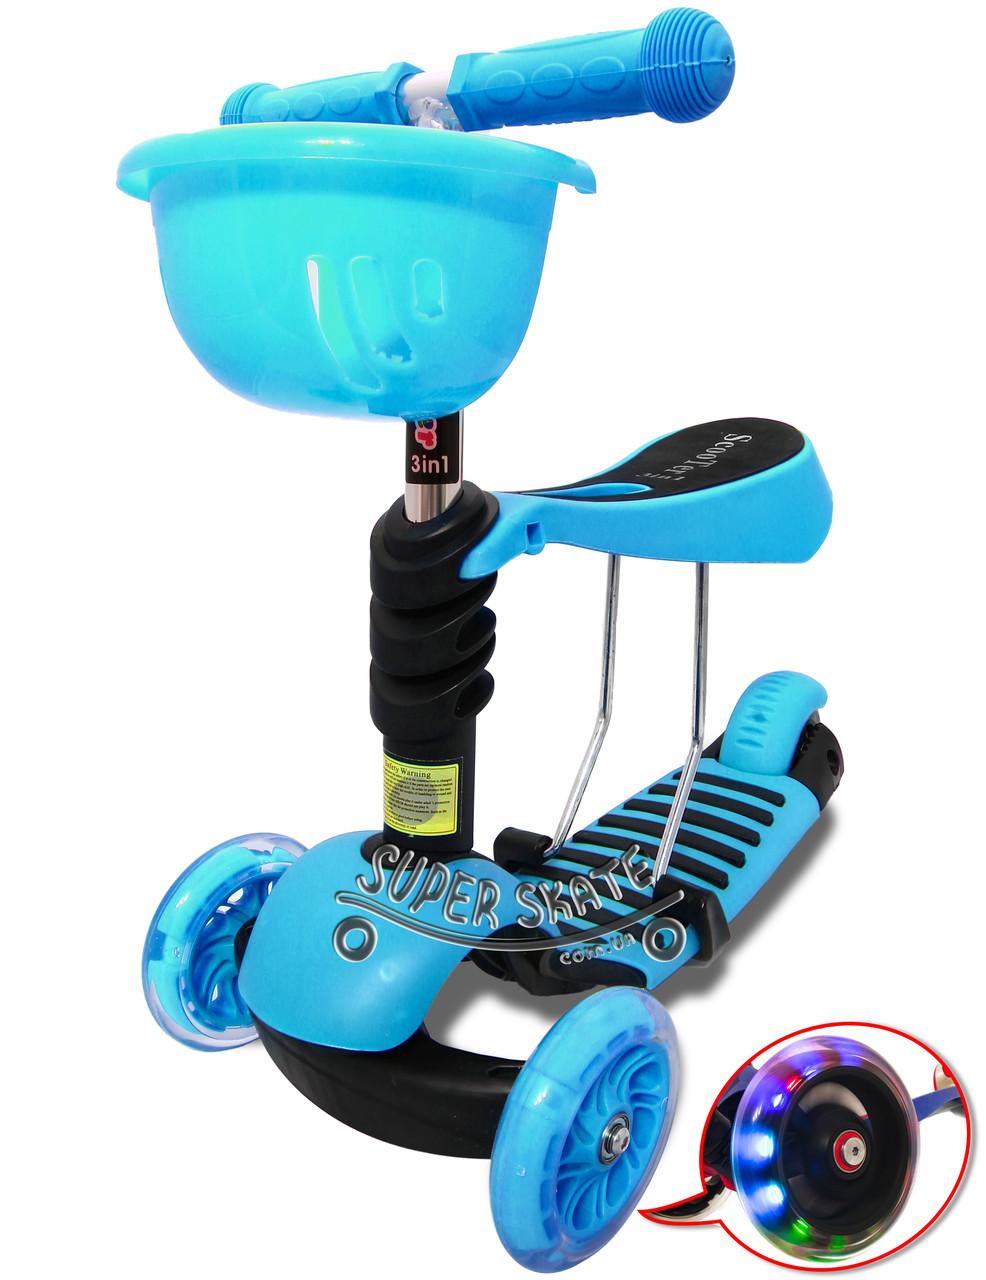 Детский Самокат-беговел  с сиденьем и корзинкой Scooter Simple - 3в1 - Синий